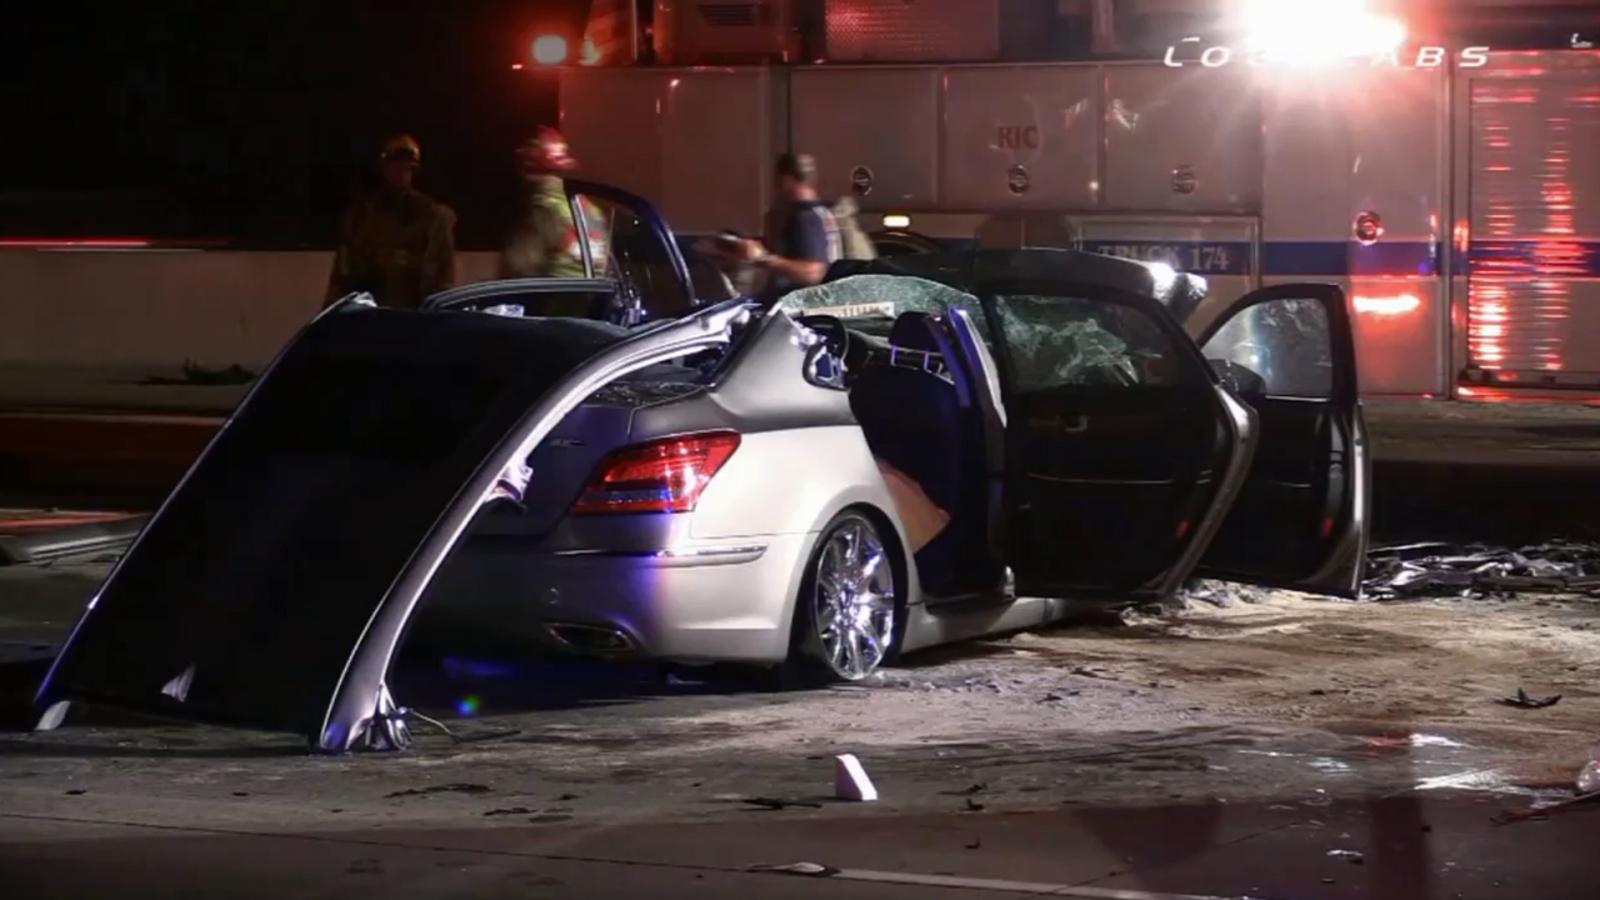 Hyundai Inland Empire >> 3 killed, 2 injured in wrong-way driver crash on 210 ...